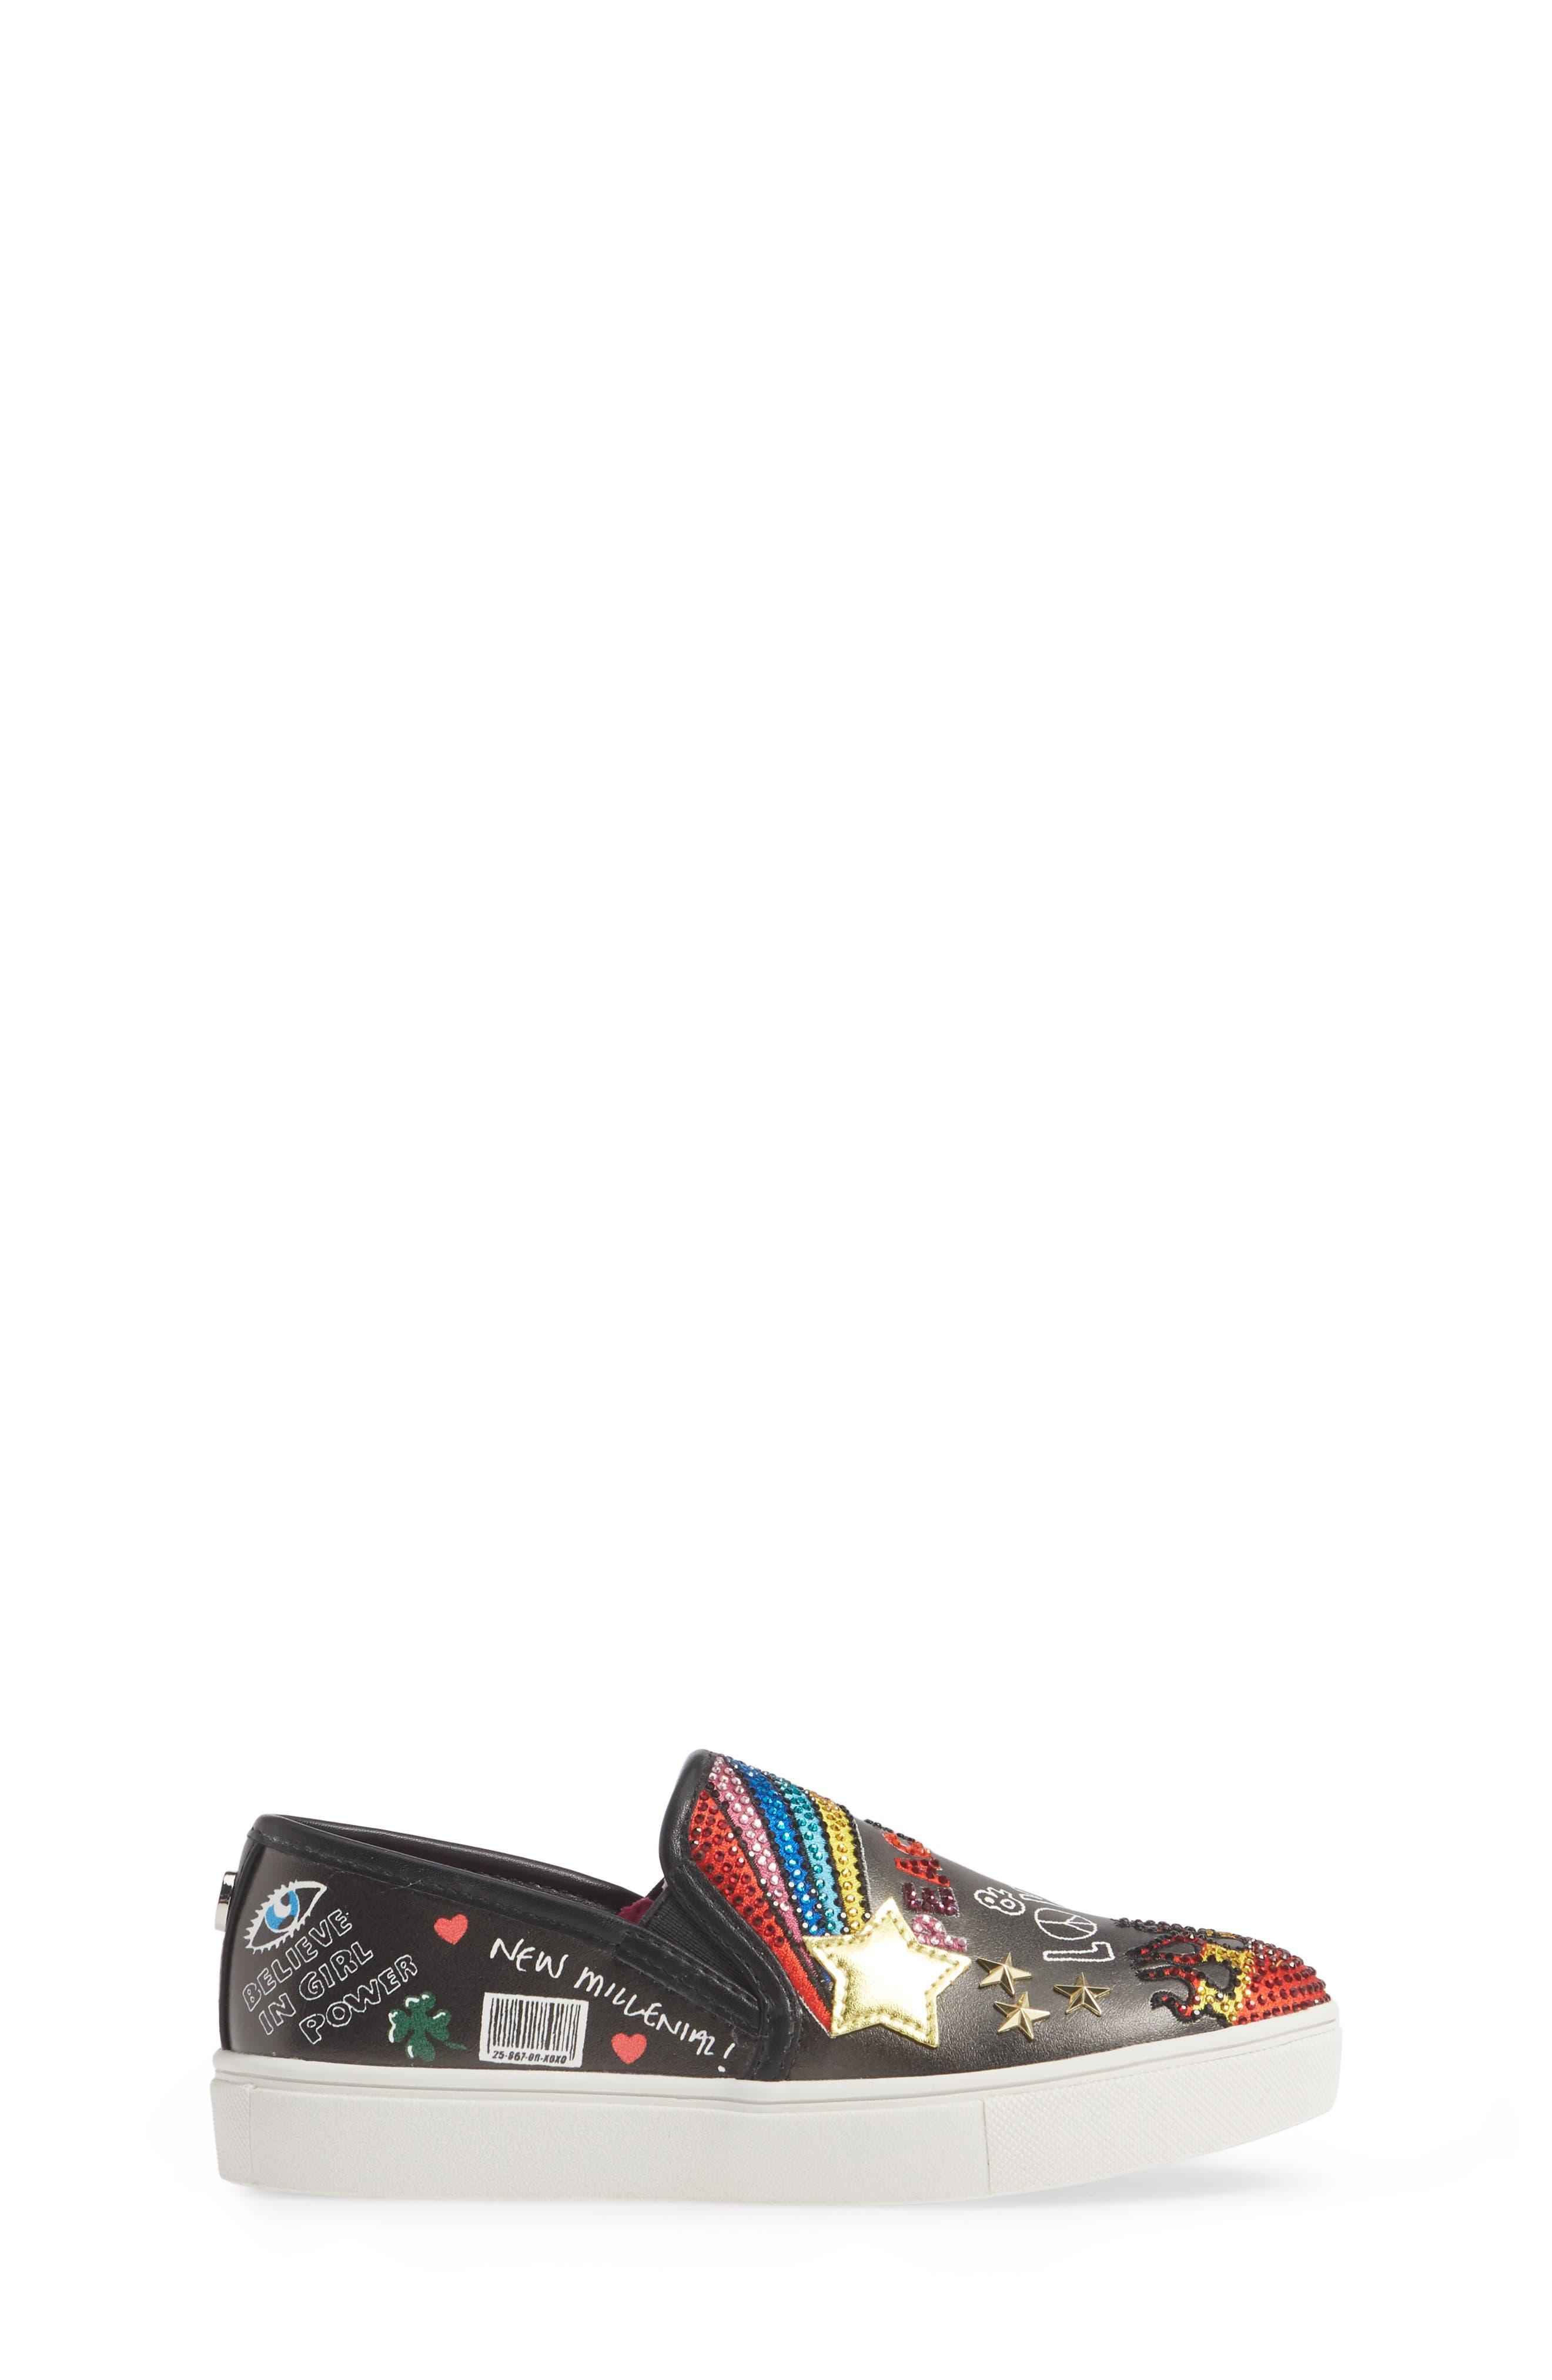 STEVE MADDEN, JPOWRFUL Embellished Slip-On Sneaker, Alternate thumbnail 3, color, BLACK MULTI